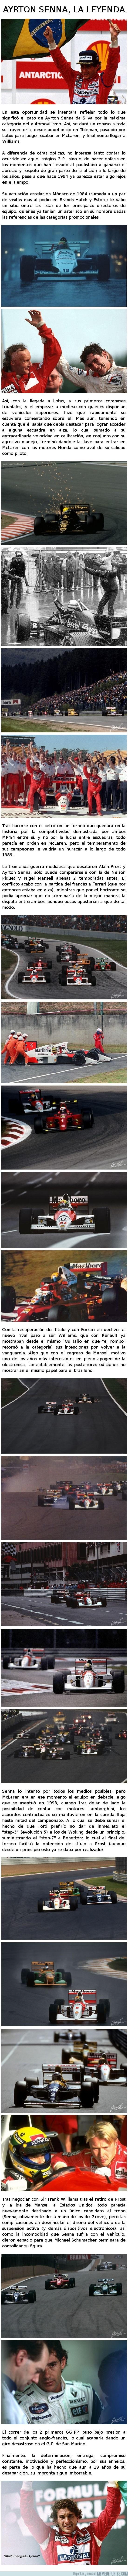 124816 - Ayrton Senna, historia de una leyenda